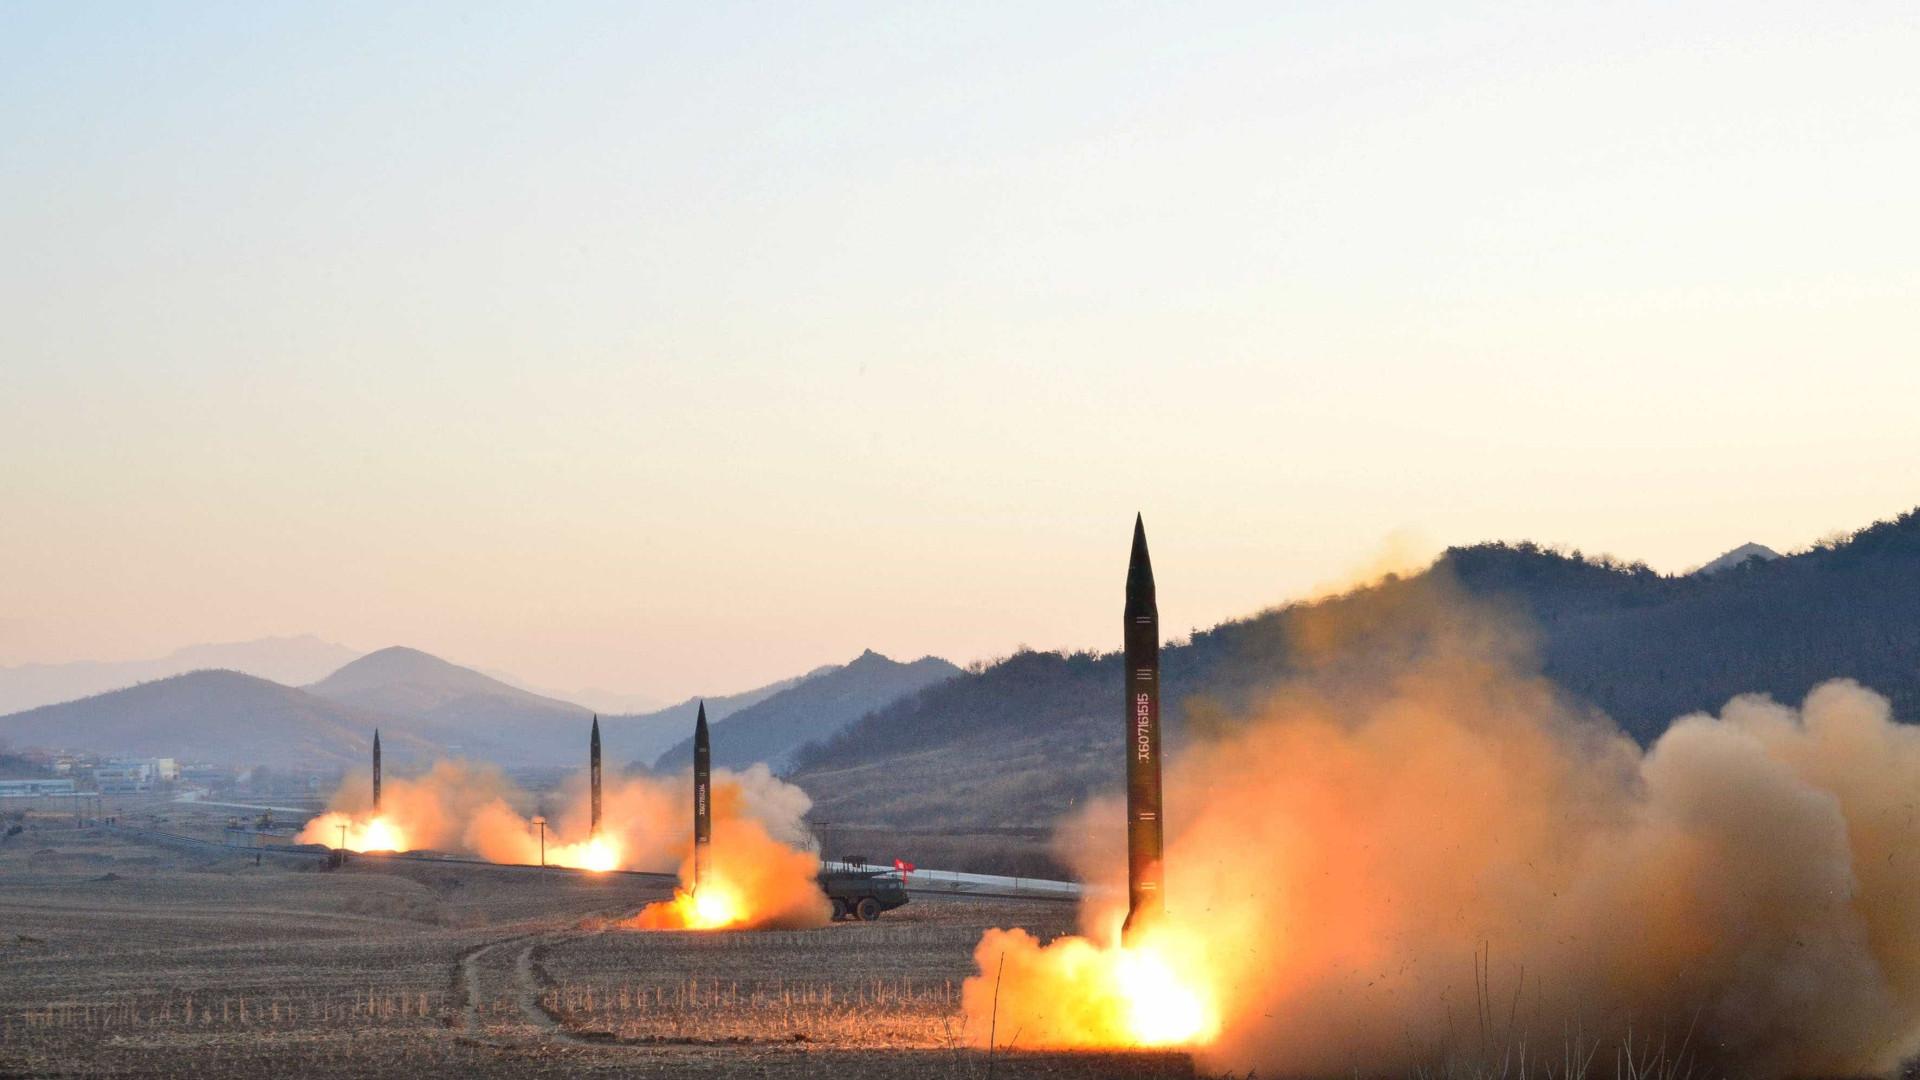 """Seul considera """"um avanço"""" teste de motor de foguetão de Pyongyang"""